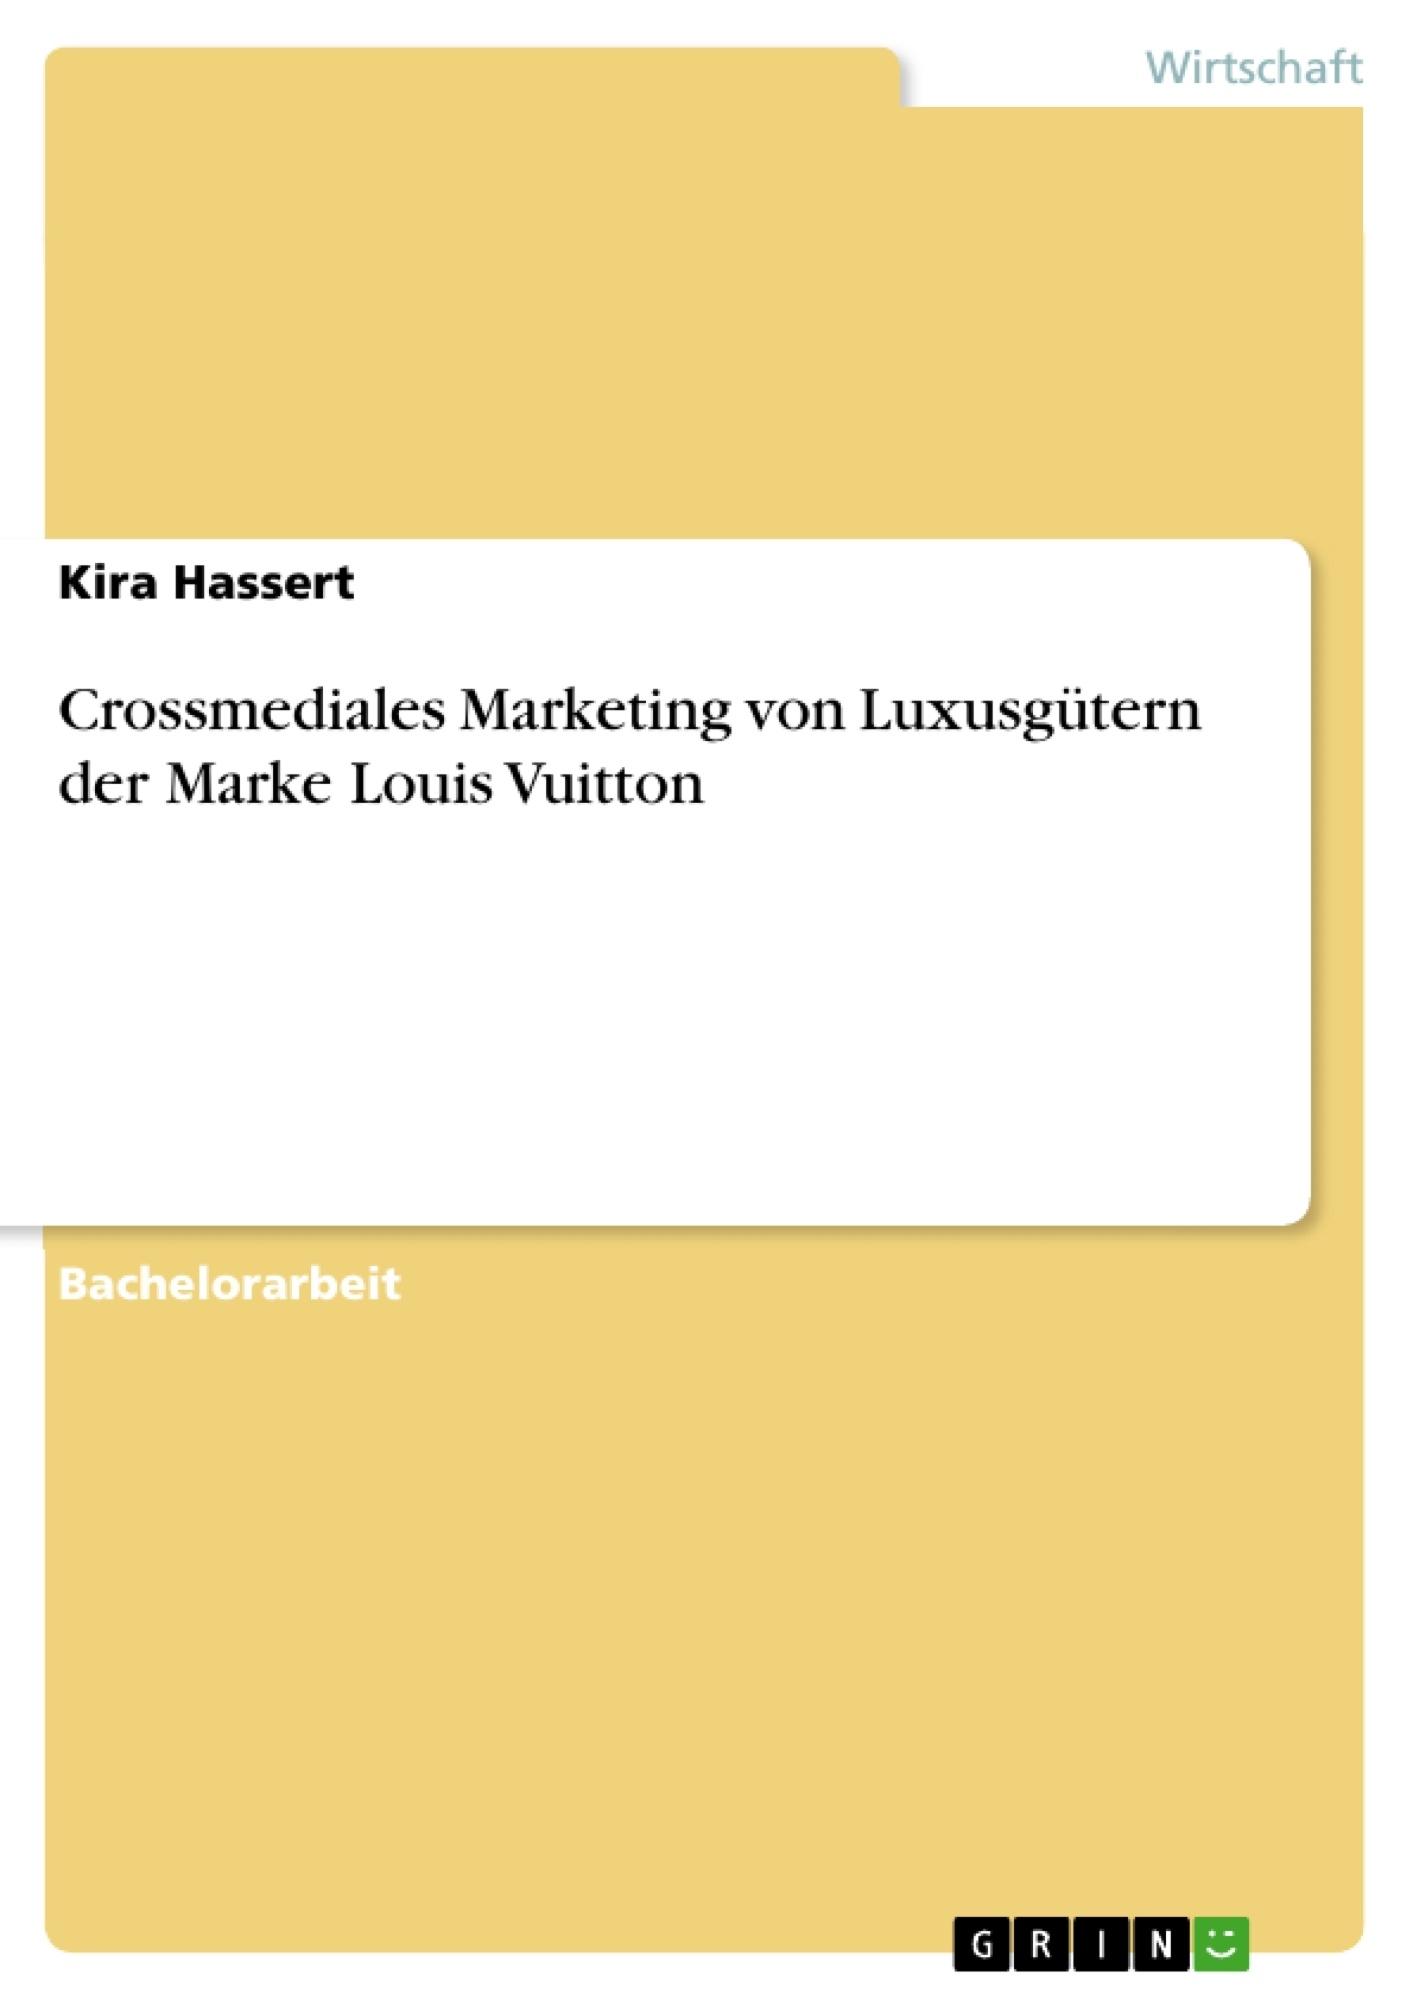 Titel: Crossmediales Marketing von Luxusgütern der Marke Louis Vuitton